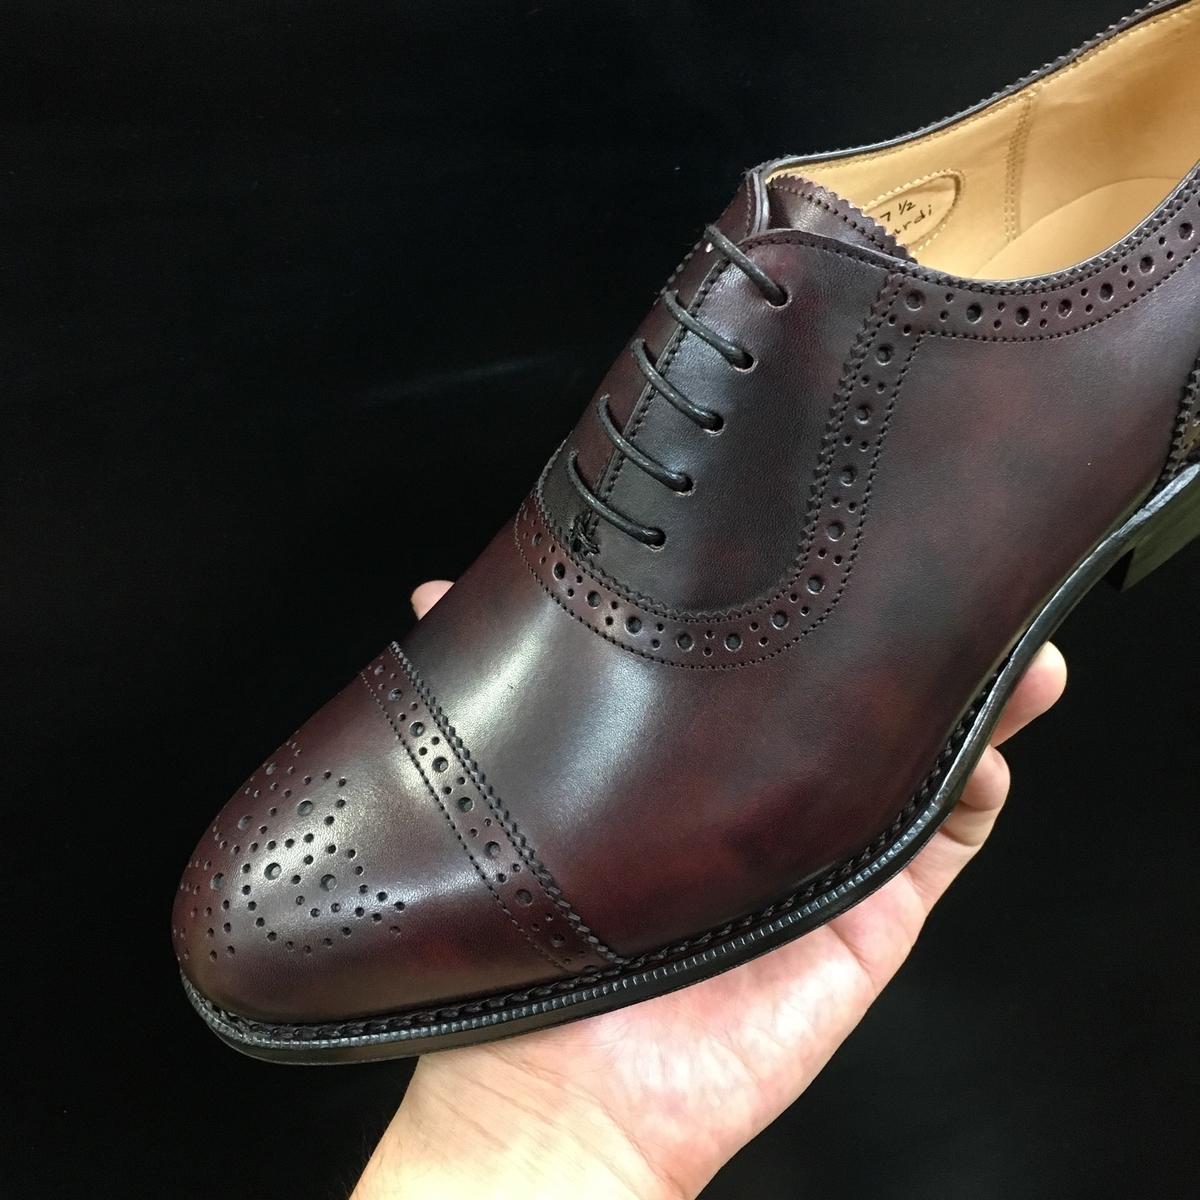 f:id:raymar-shoes:20190828215538j:plain